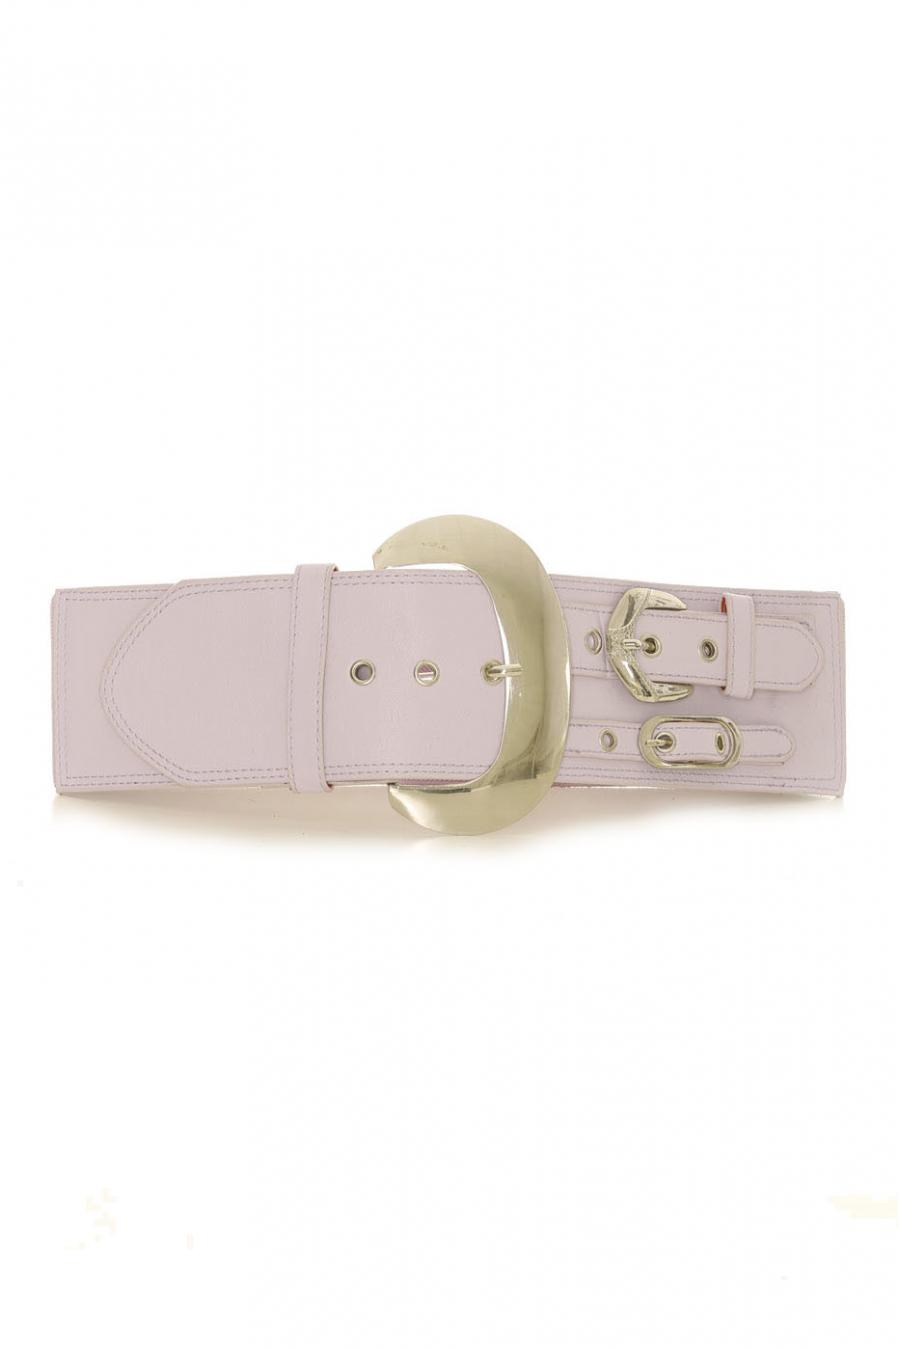 Lila elastische tailleband met dubbel taillebandeffect aan de zijkant - SG - 0306